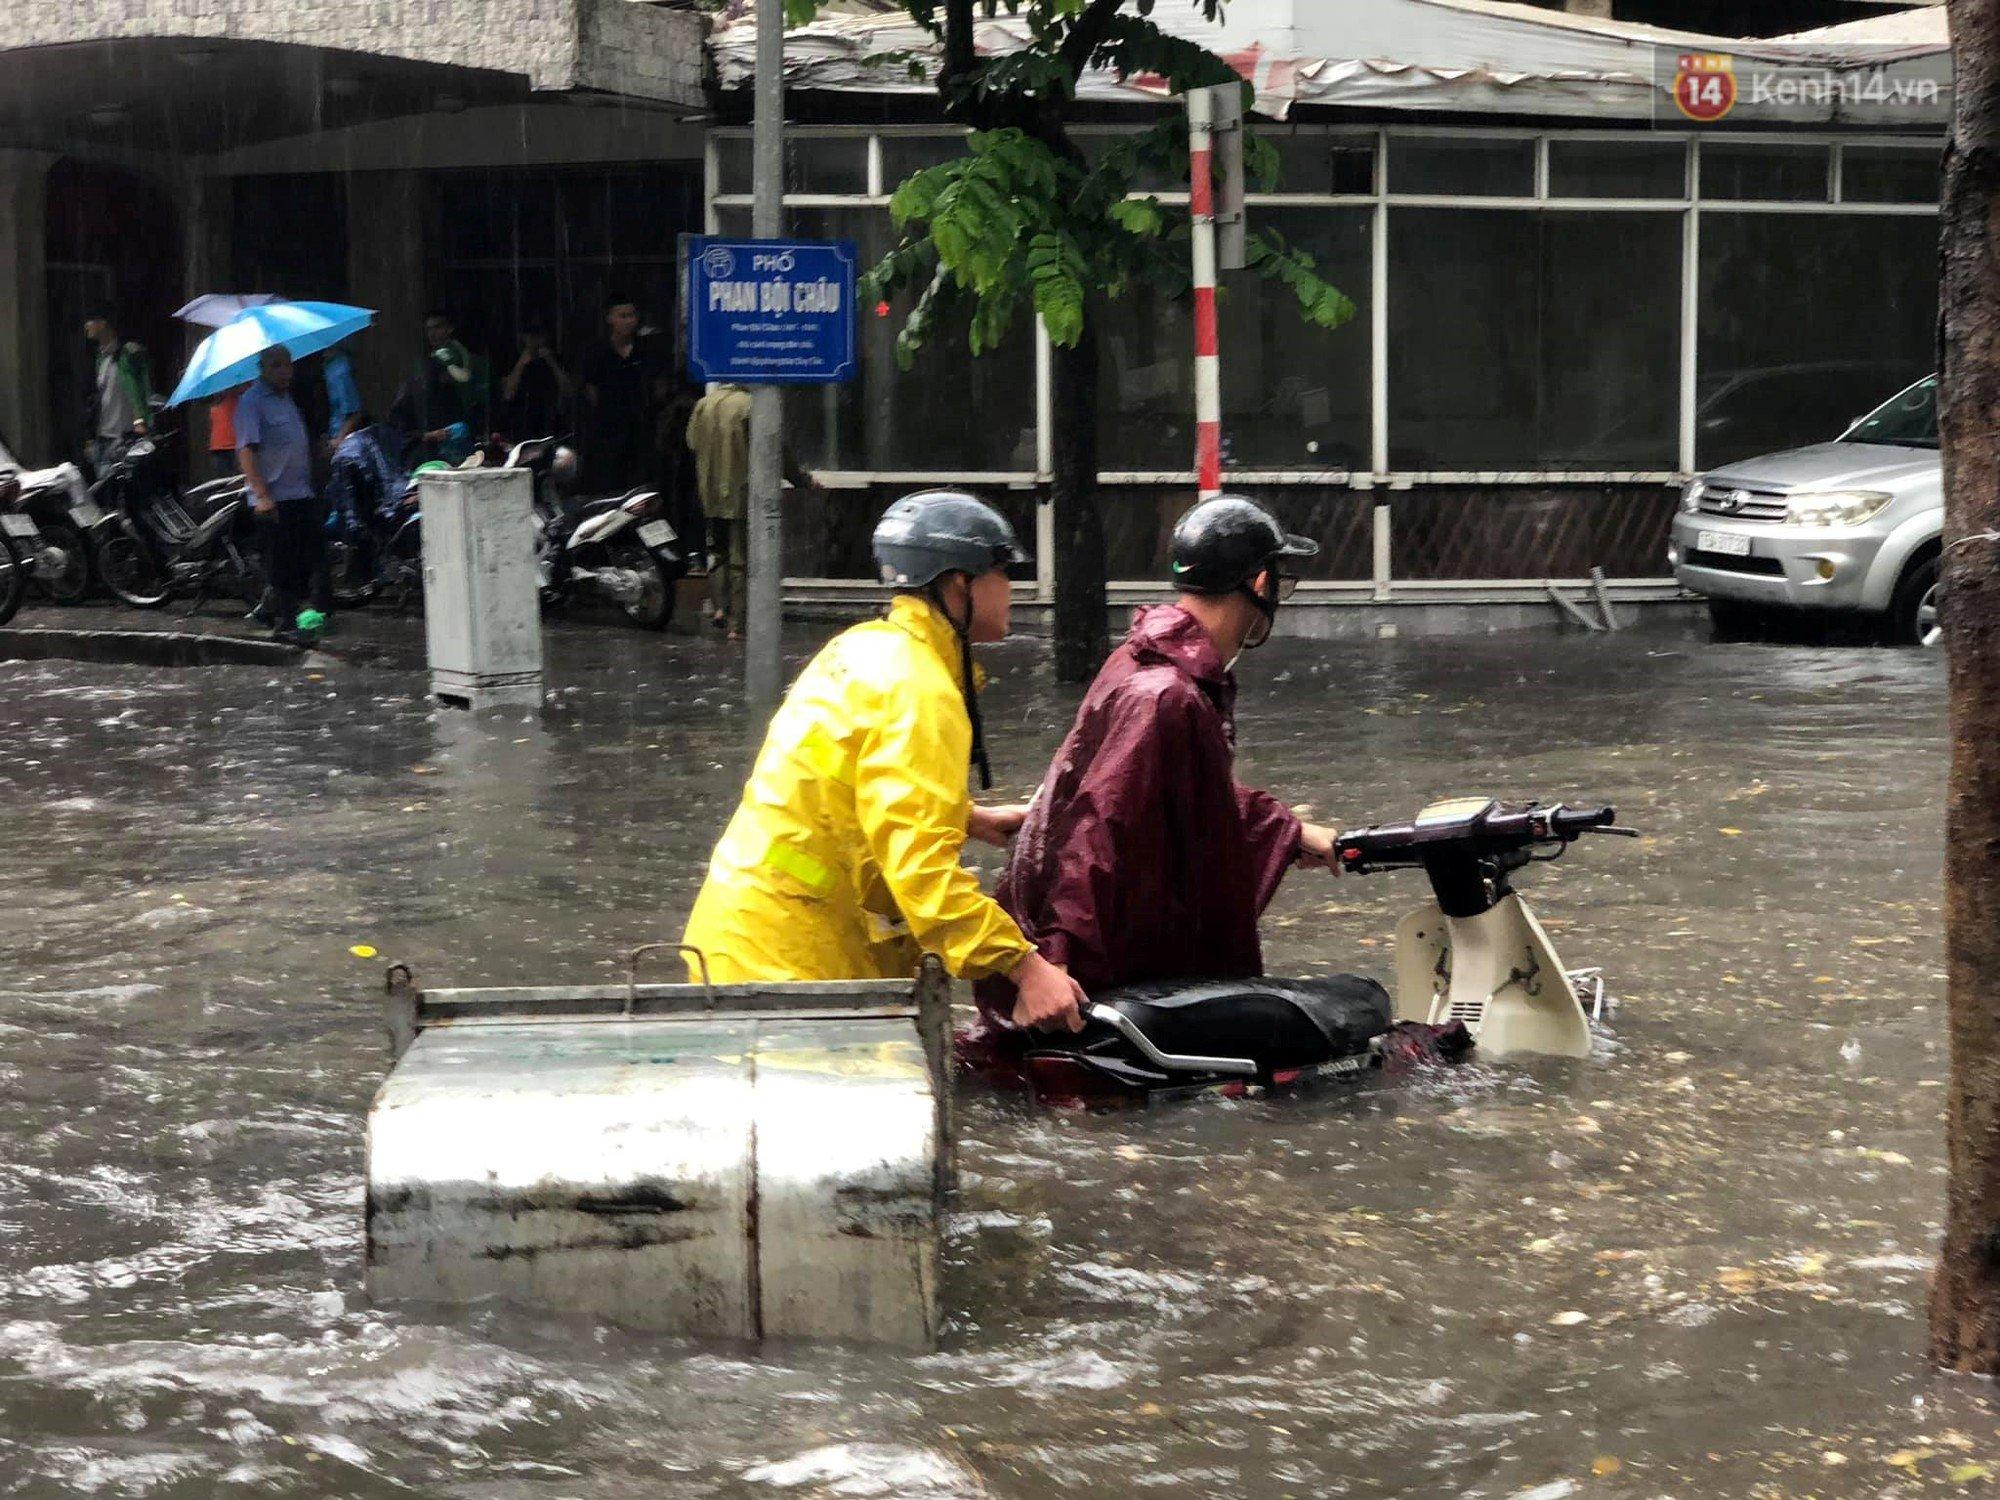 Hà Nội mưa lớn, nhiều tuyến phố 'chìm' trong biển nước 5